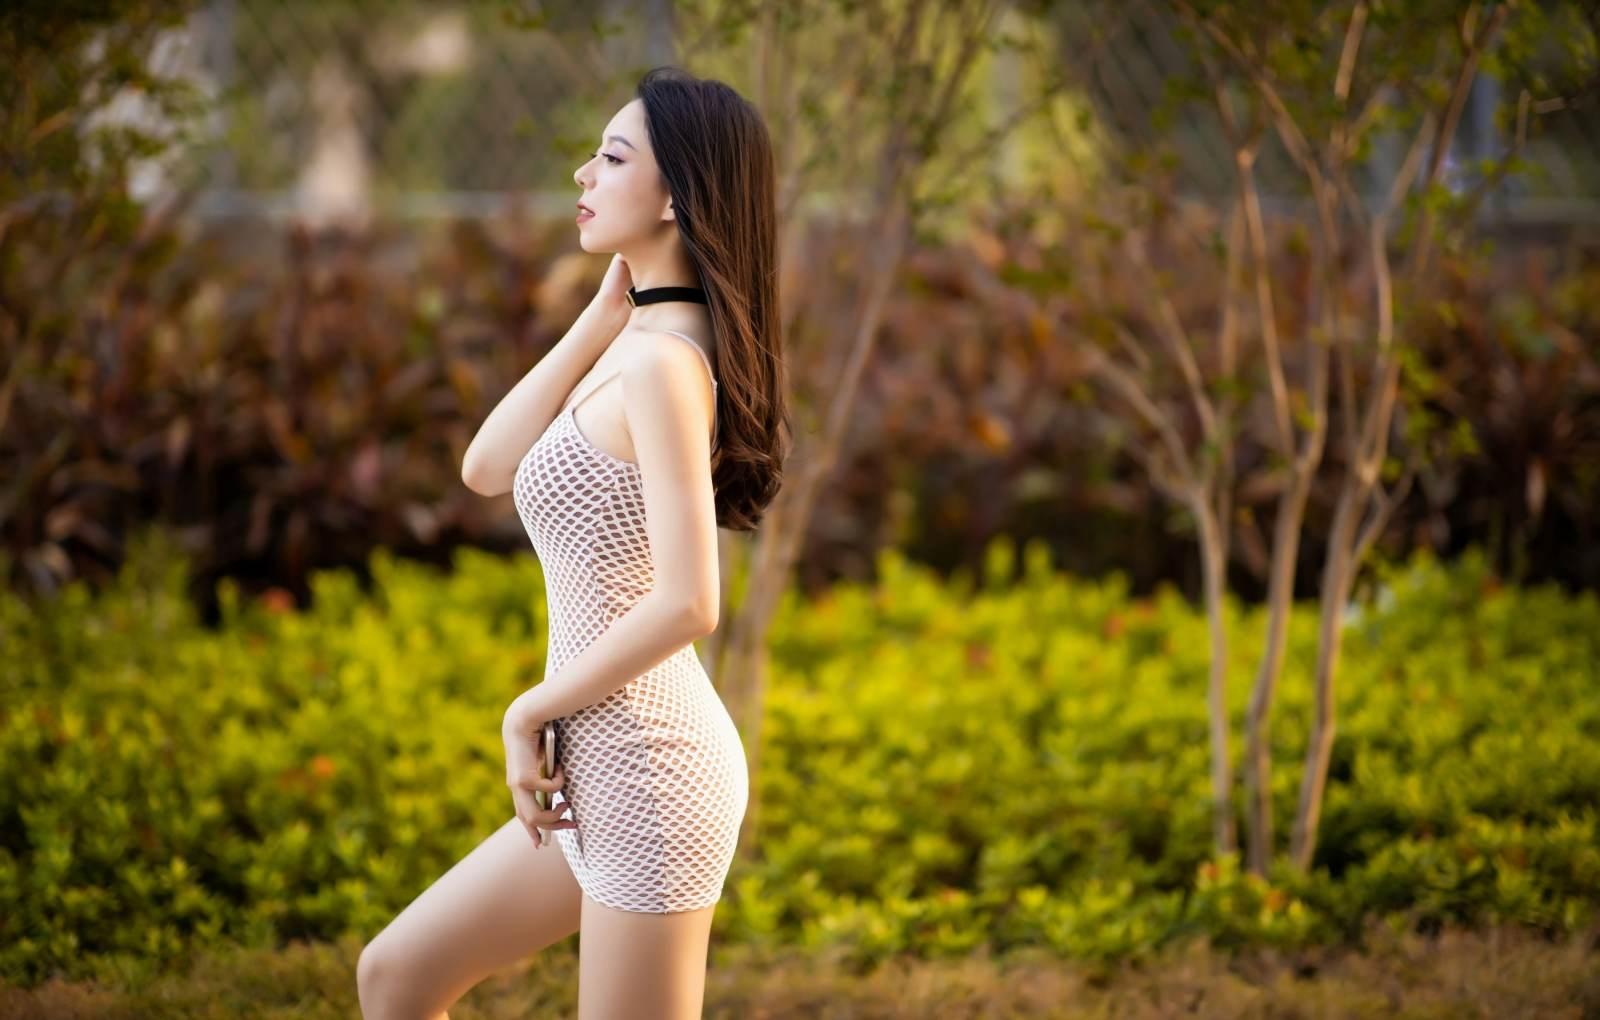 第227期婀娜多姿如柳叶言沫(高跟,连衣裙,丝袜,肉丝,大长腿)_图片4